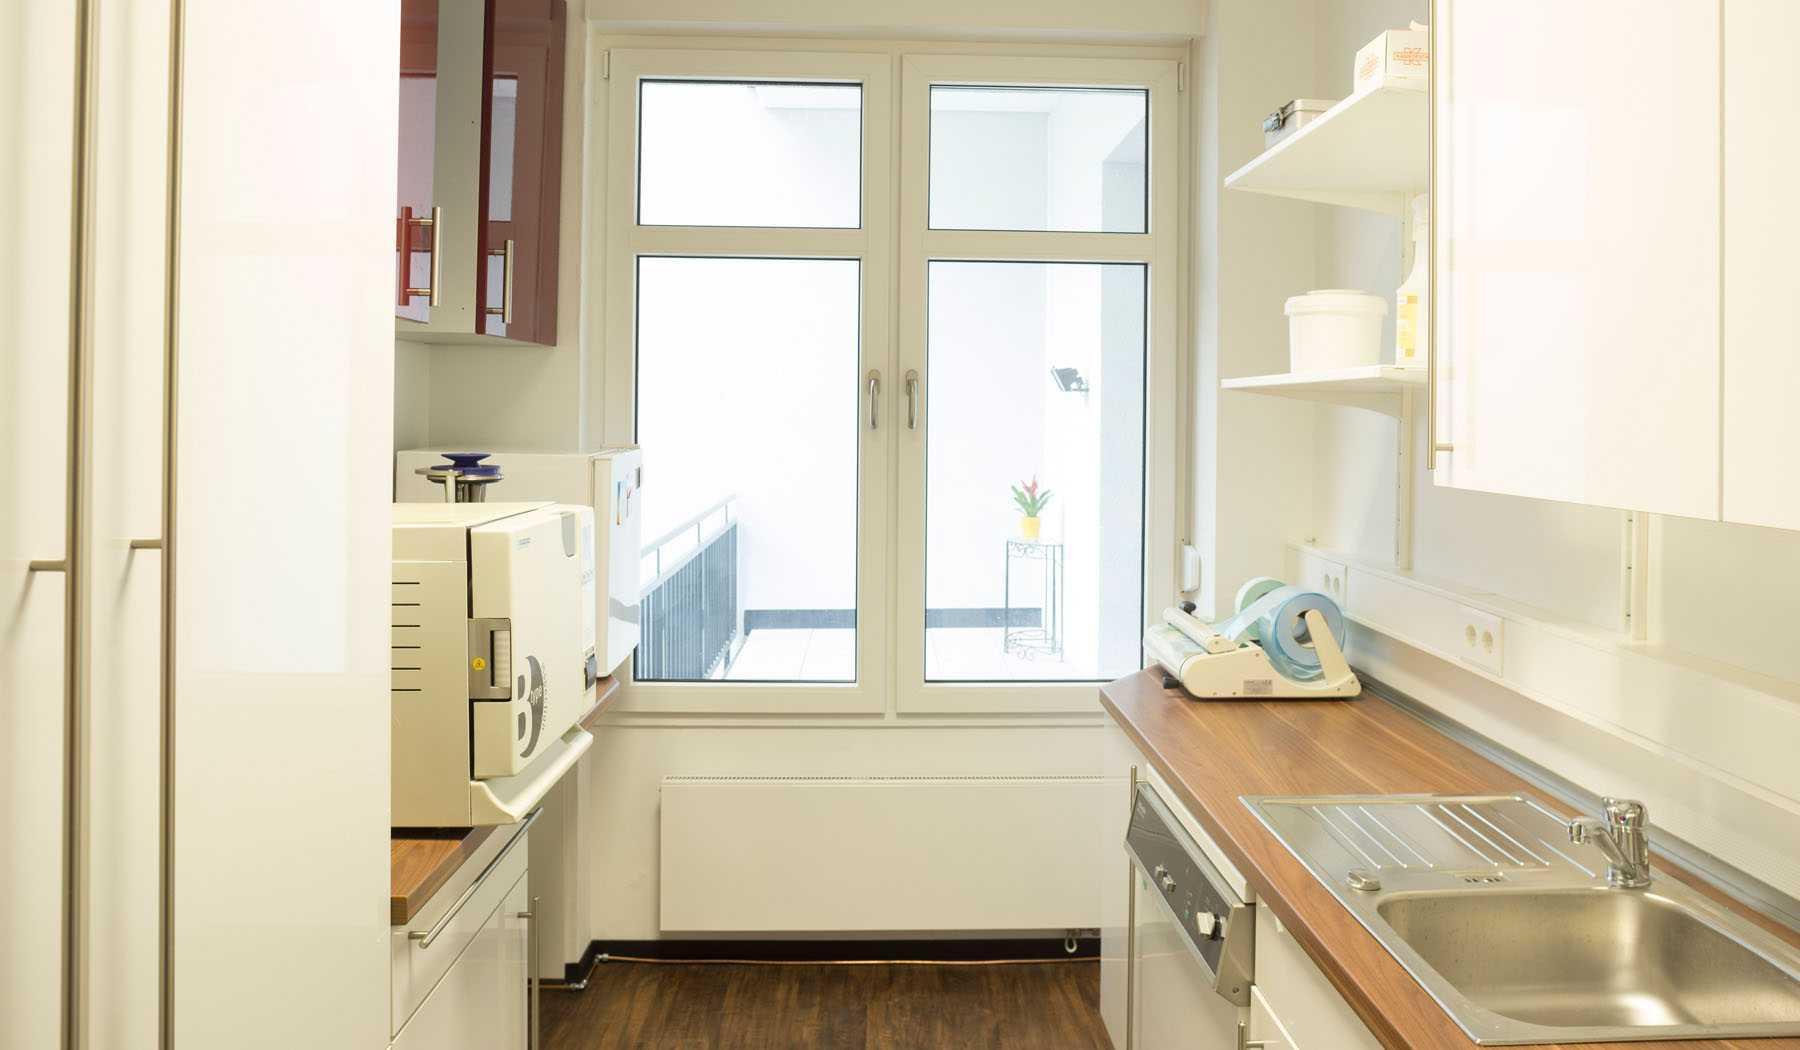 Wir richten Ihre Sterilisations- und Laborräume komplett ein – inklusive aller Geräte. Passend dazu erhalten Sie von SHR alle benötigten Verbrauchsmaterialien.